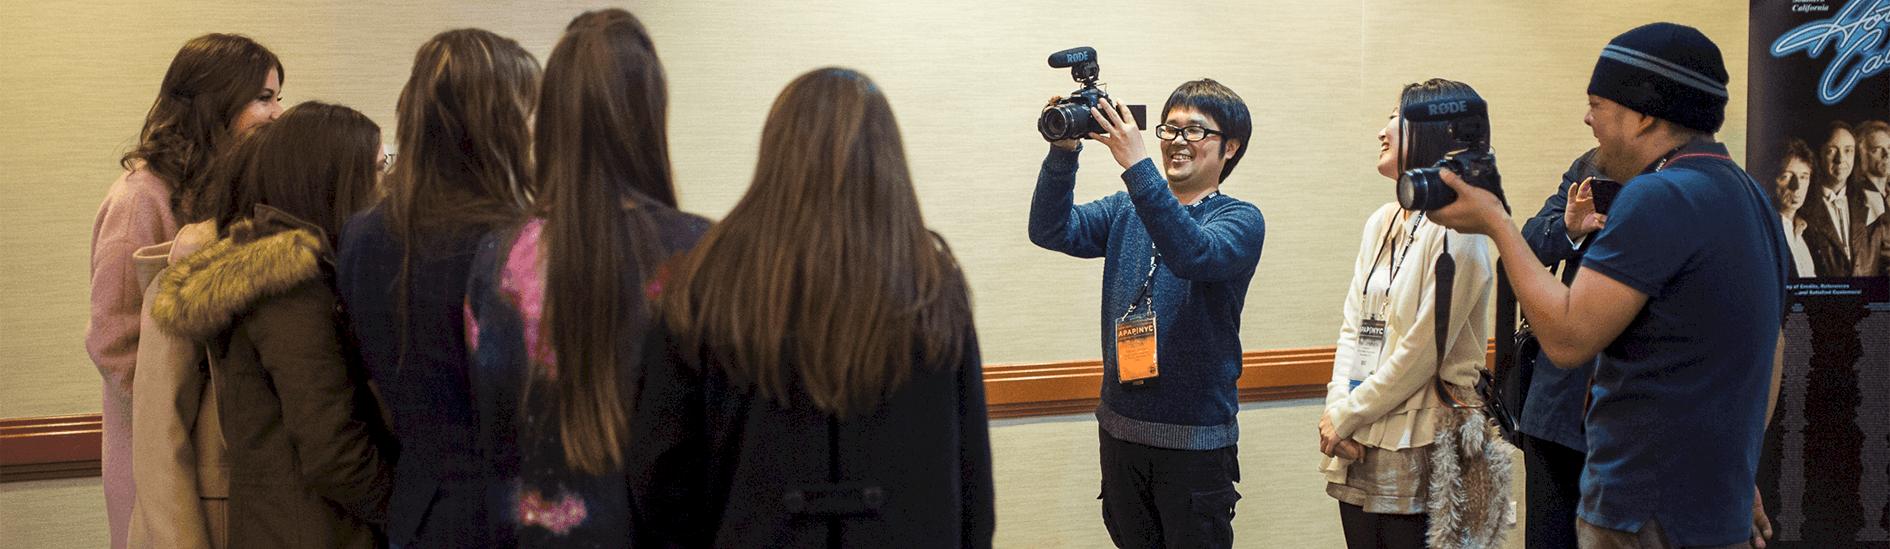 Camera Crew at APAP|NYC by Adam Kissick/APAP